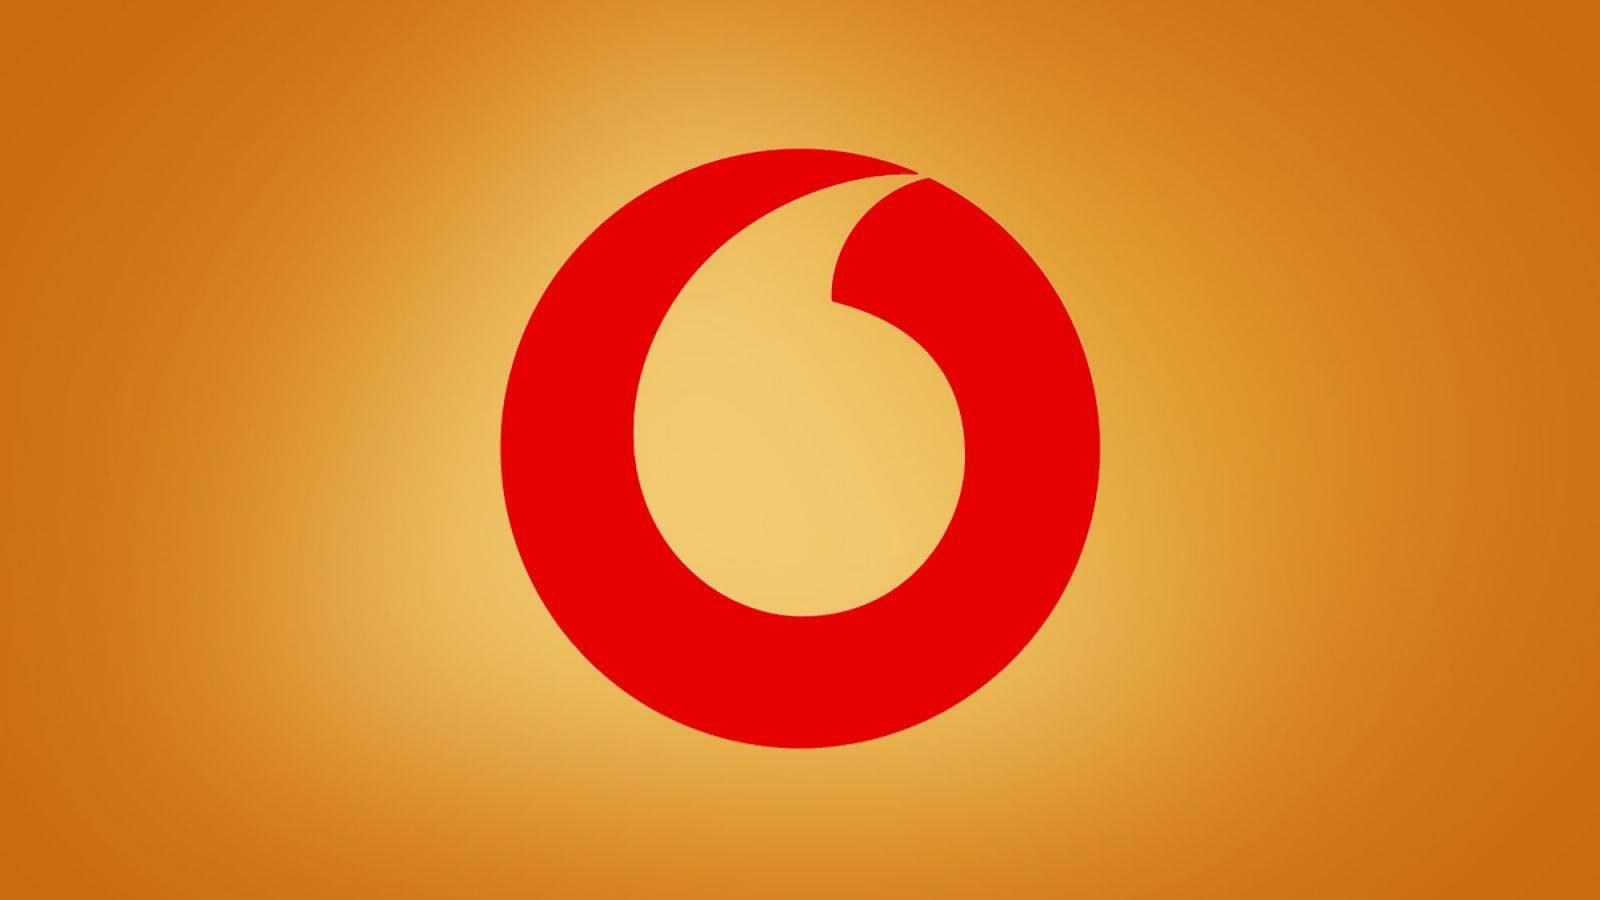 Promotii de la Vodafone pentru Telefoane Mobile, Profita de Ofertele Grozave